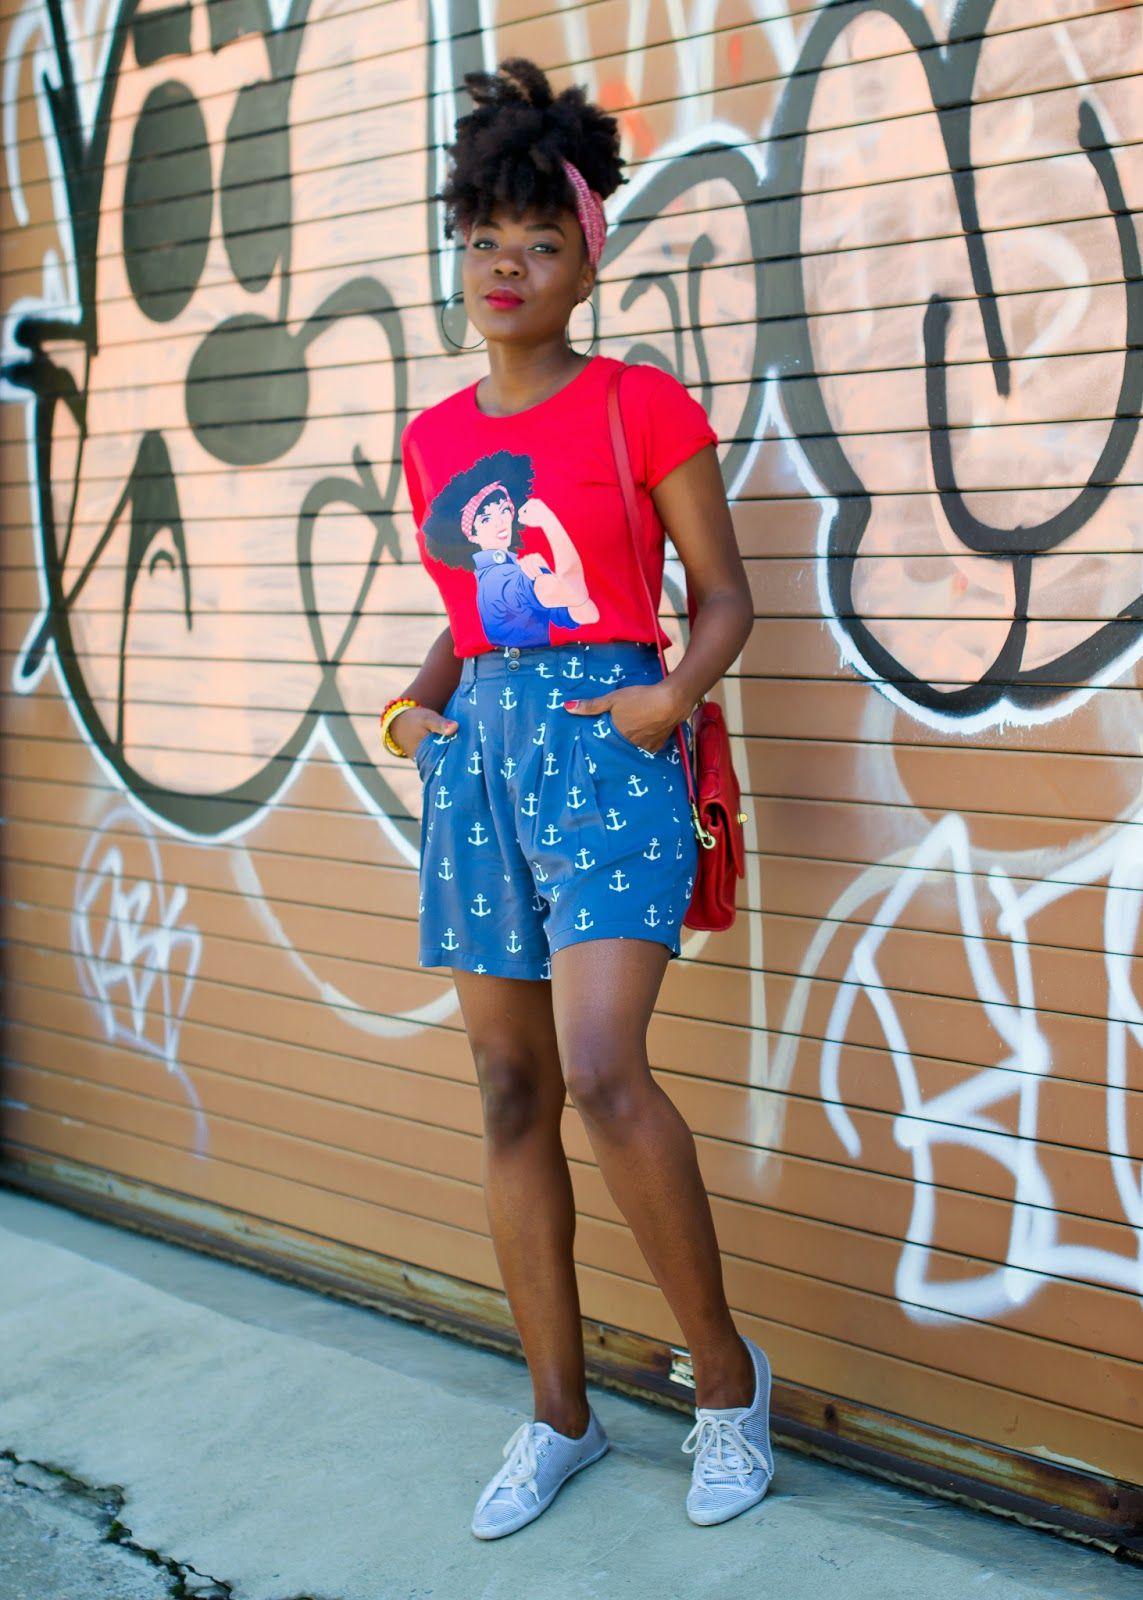 bermudinha + t-shirt + tênis.